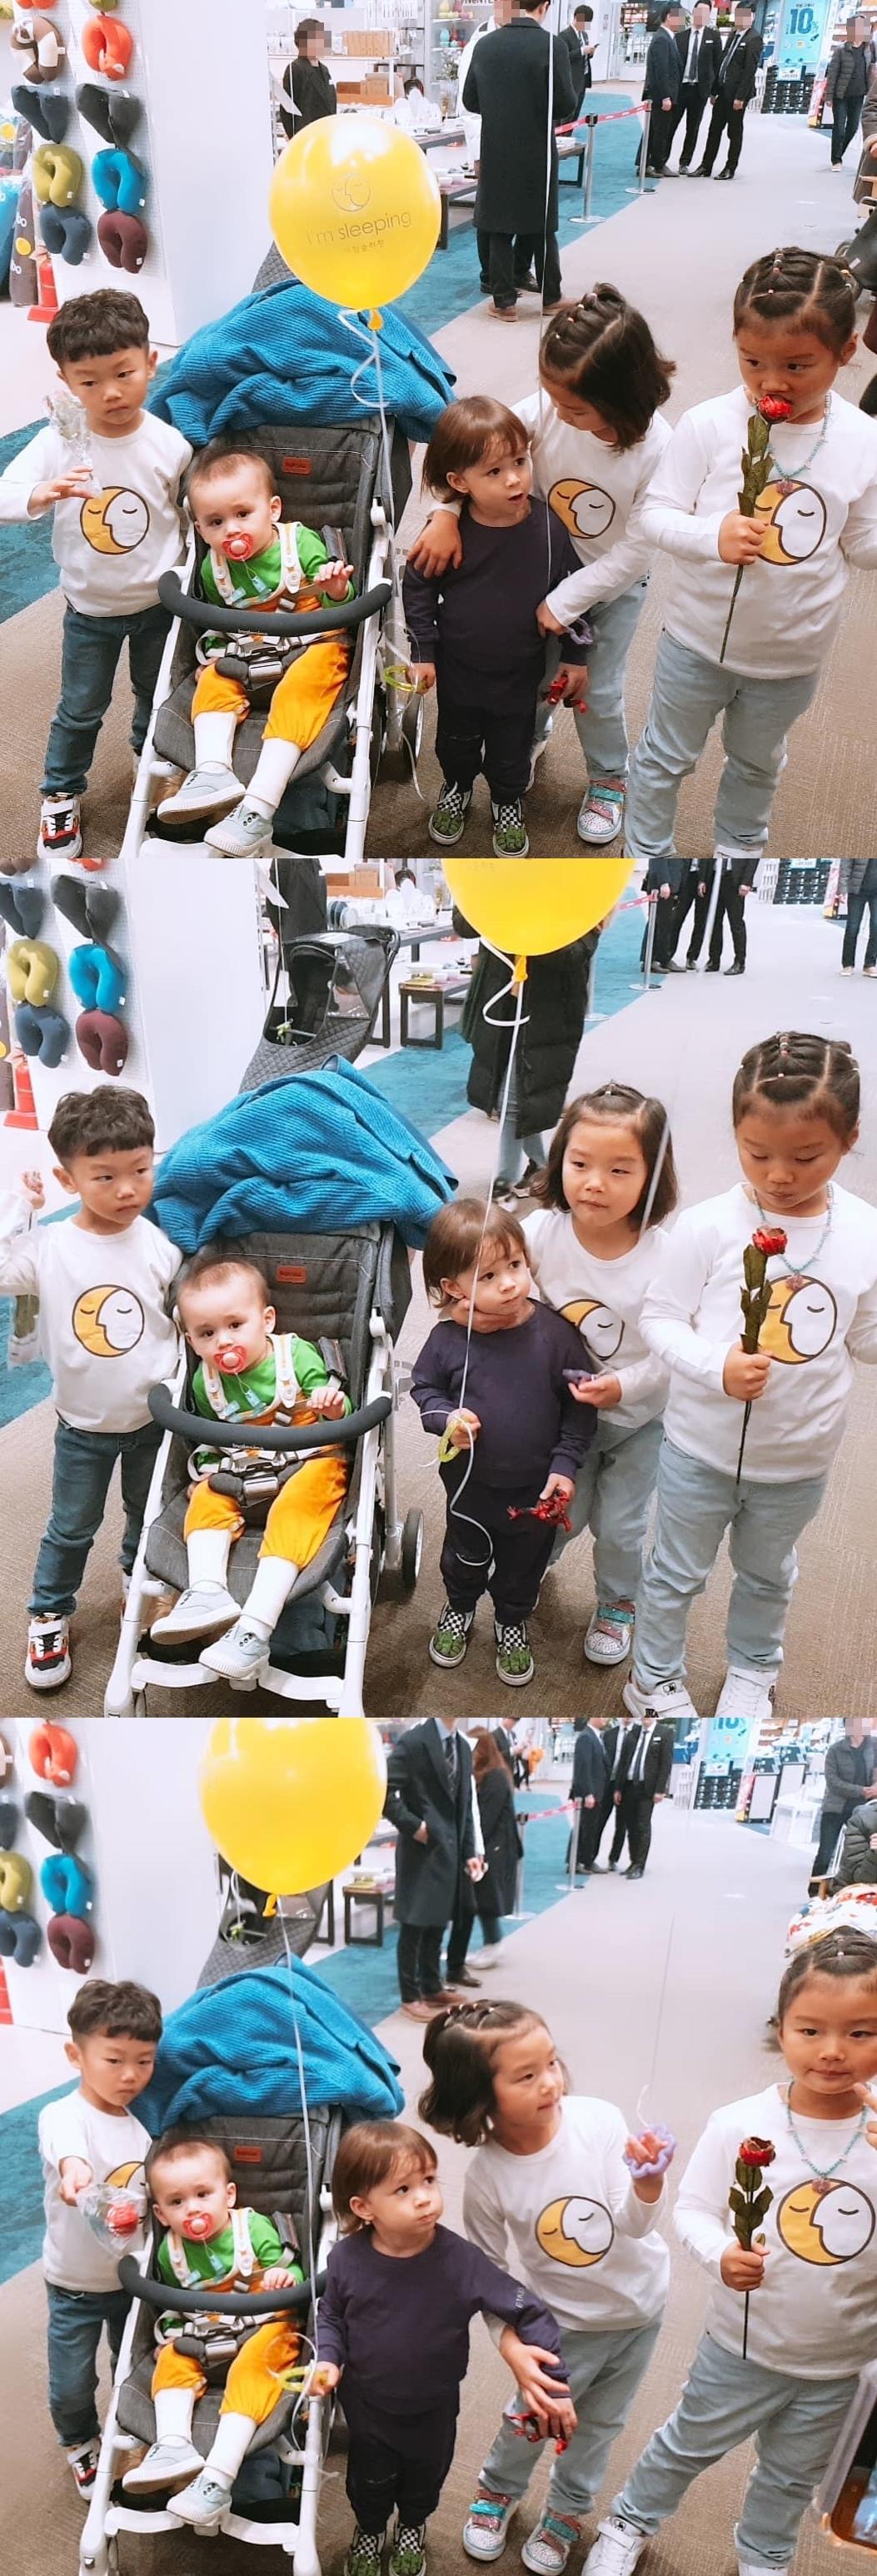 '슈돌' 설아-수아-시안, 윌리엄-벤틀리 급만남 '한 가족같은 친구들'